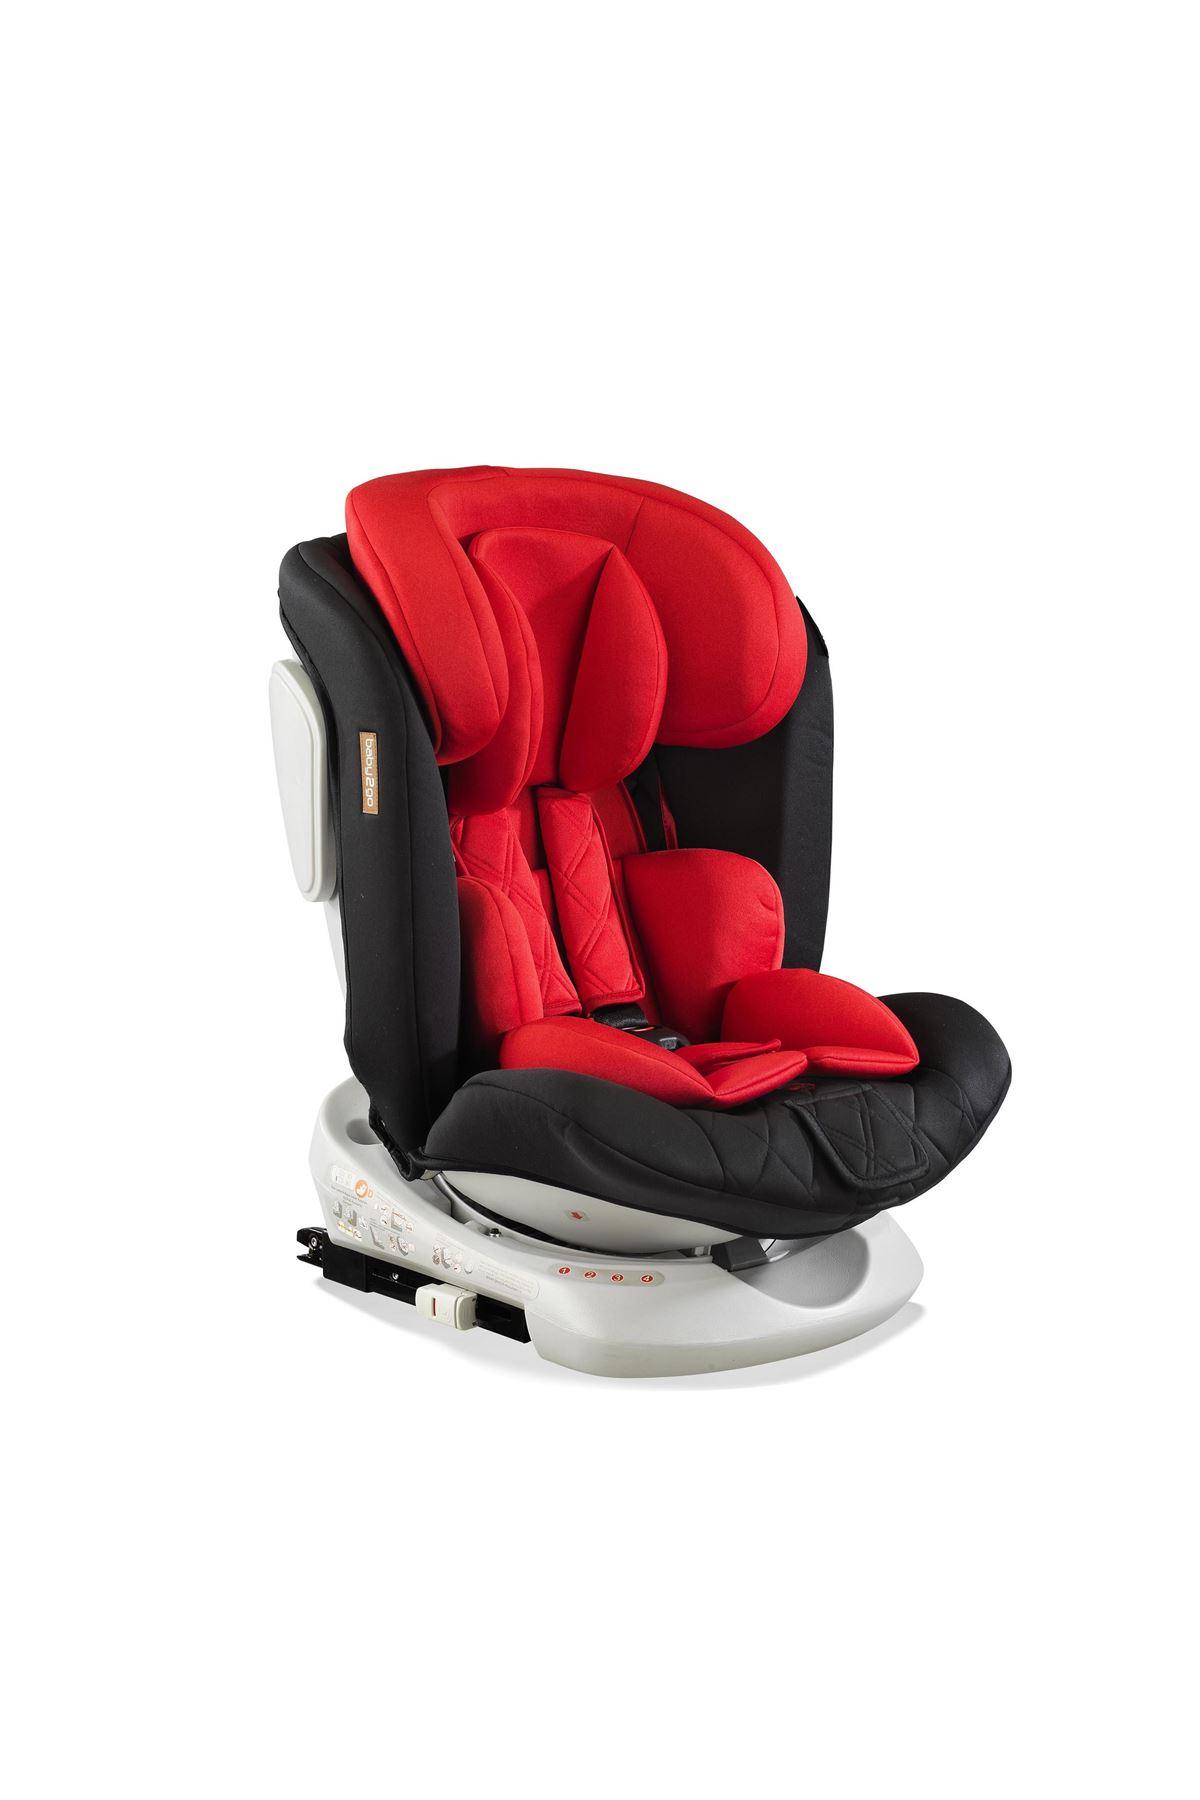 Baby2go Rover Plus İsofixli 0-36 Kg Oto Koltuğu 2061 Kırmızı